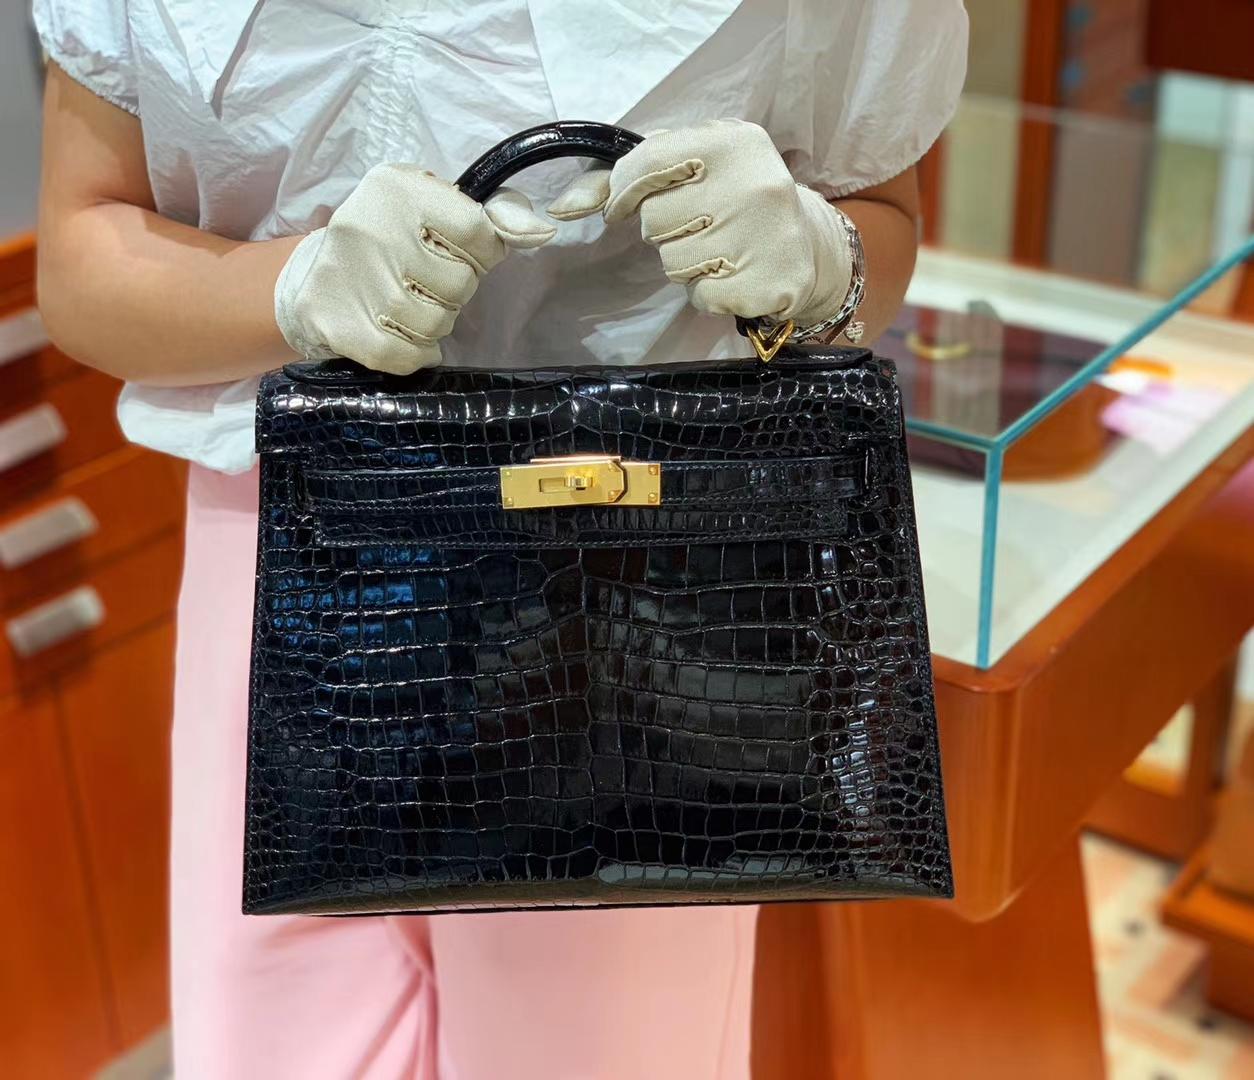 爱马仕包包价格 89黑色 鳄鱼皮 金扣 纹路清晰 手感超级好 完胜正品 Kelly 25/28cm